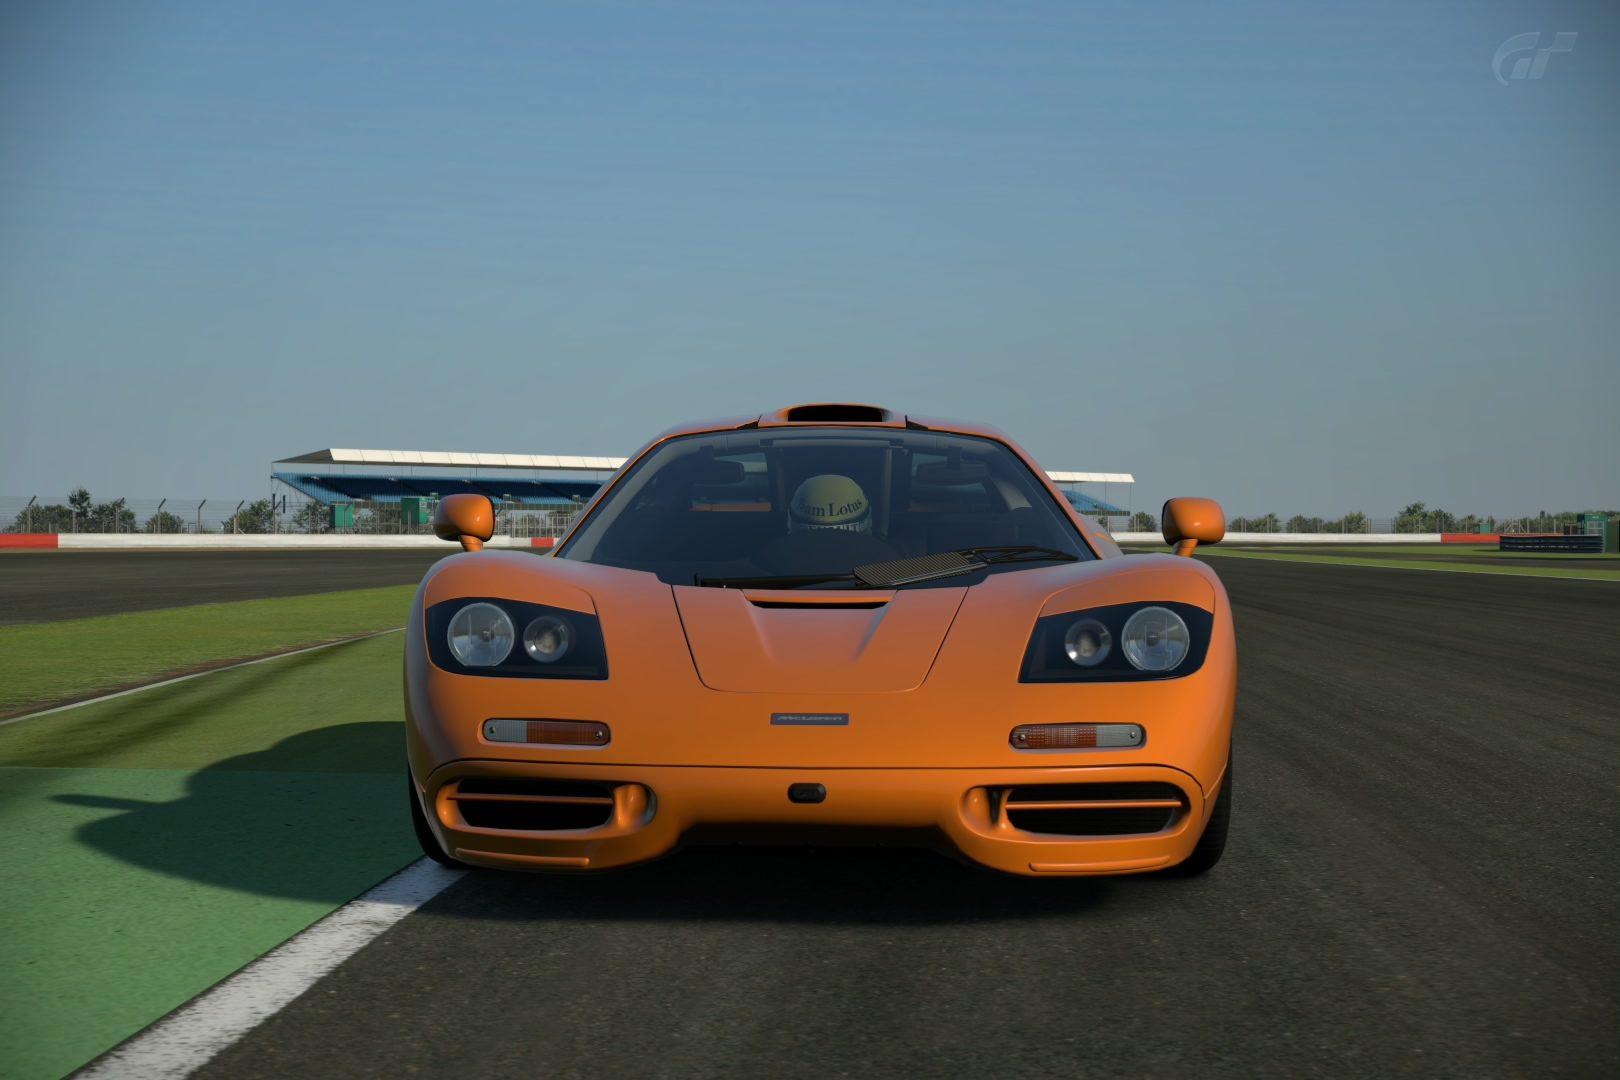 McLarenF1Img1.jpg